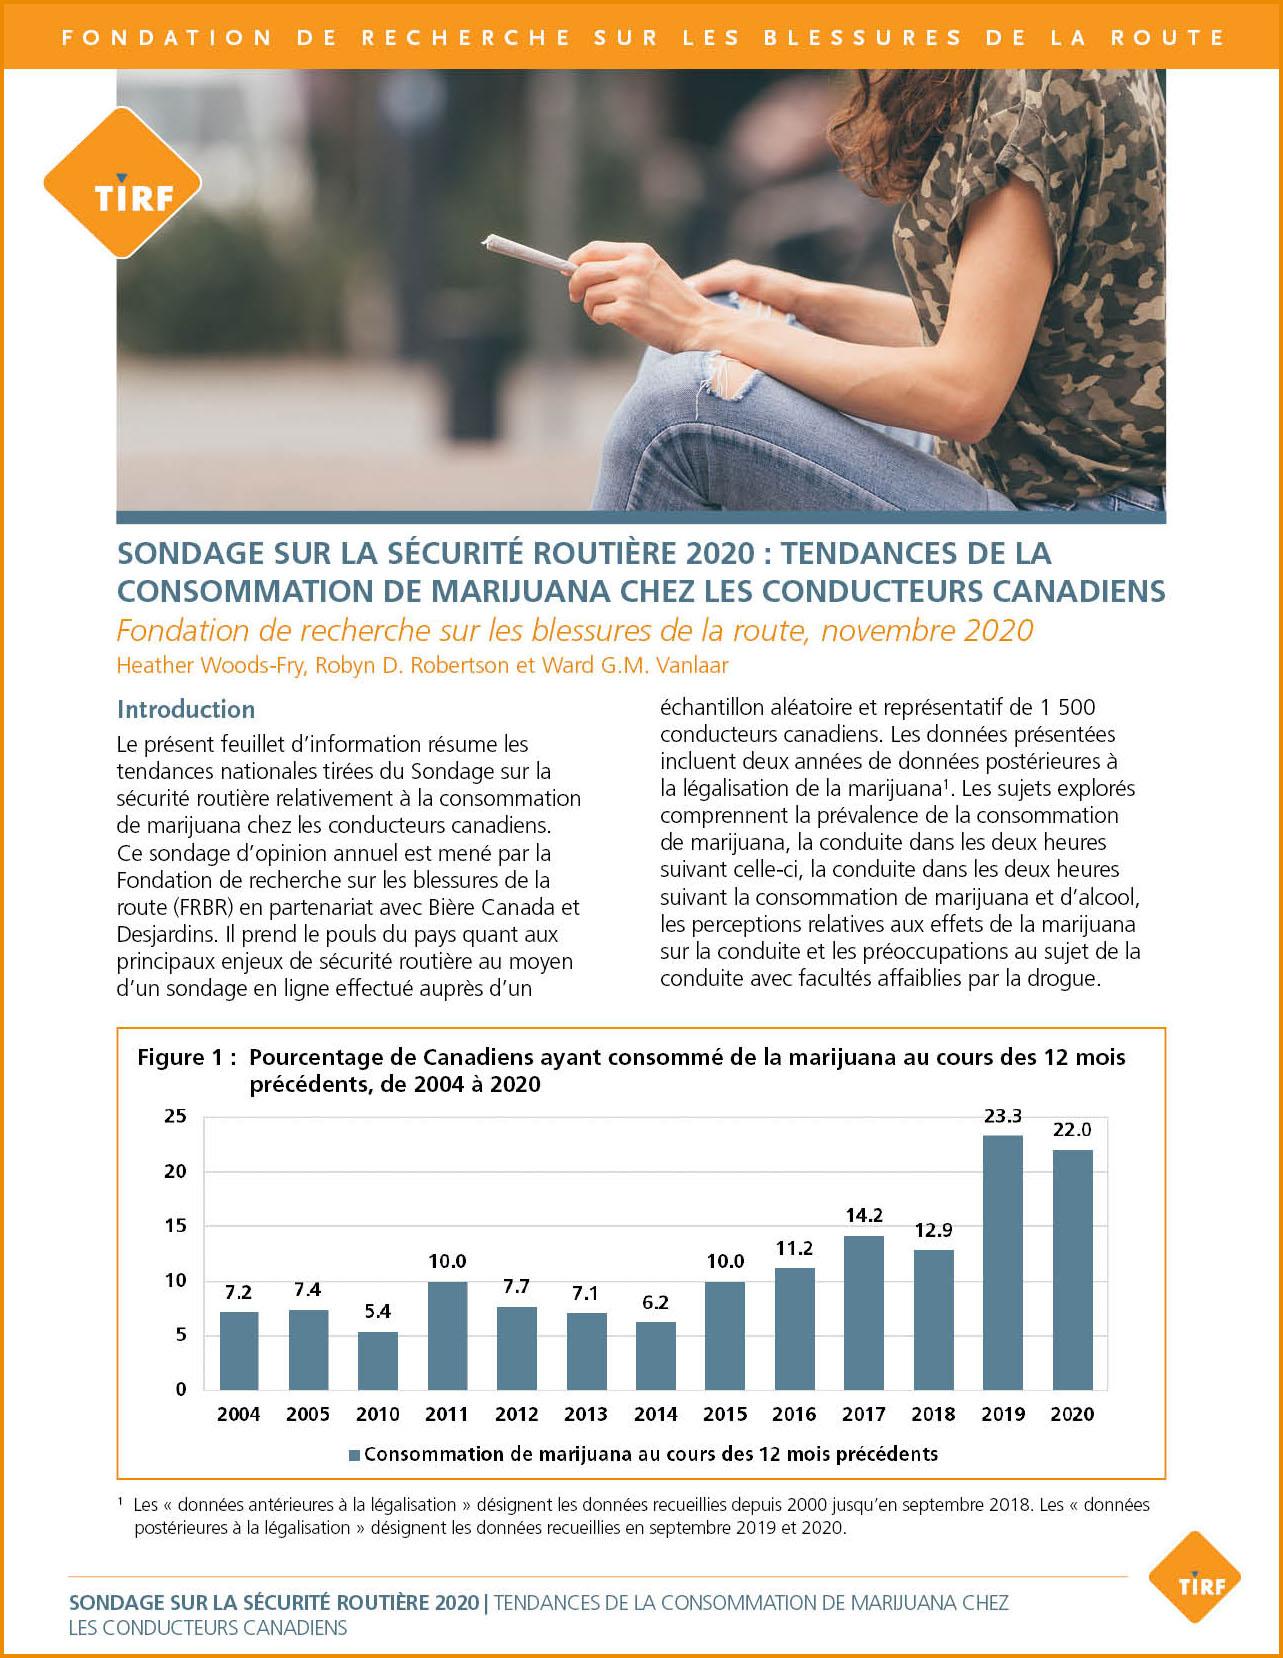 Sondage sur la sécurité routière 2020 : Tendances de la consommation de marijuana chez les conducteurs Canadiens